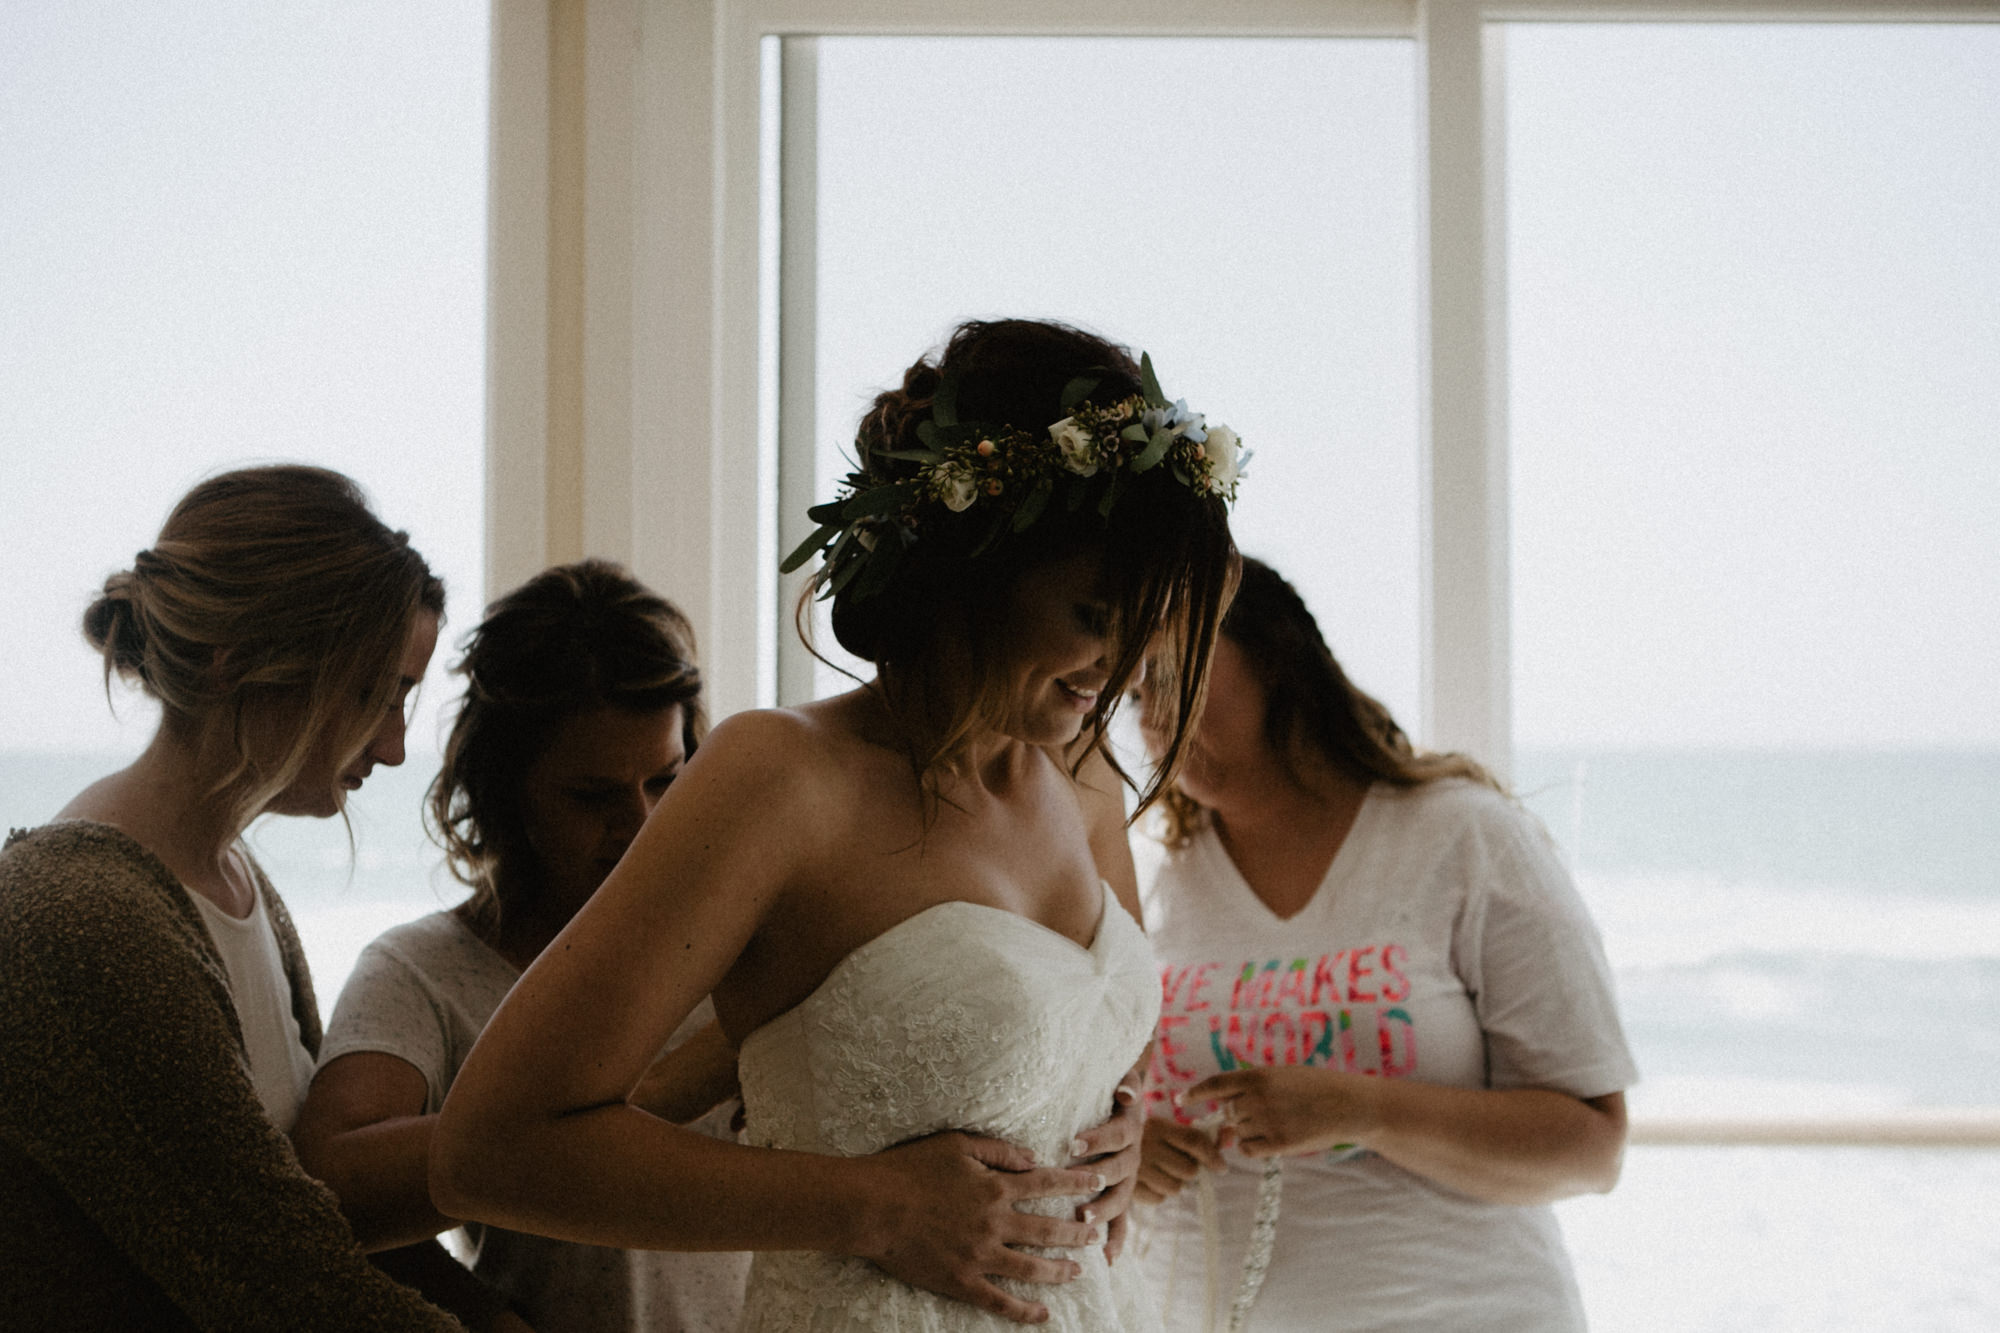 oceanside_airbnb_wedding-2.jpg